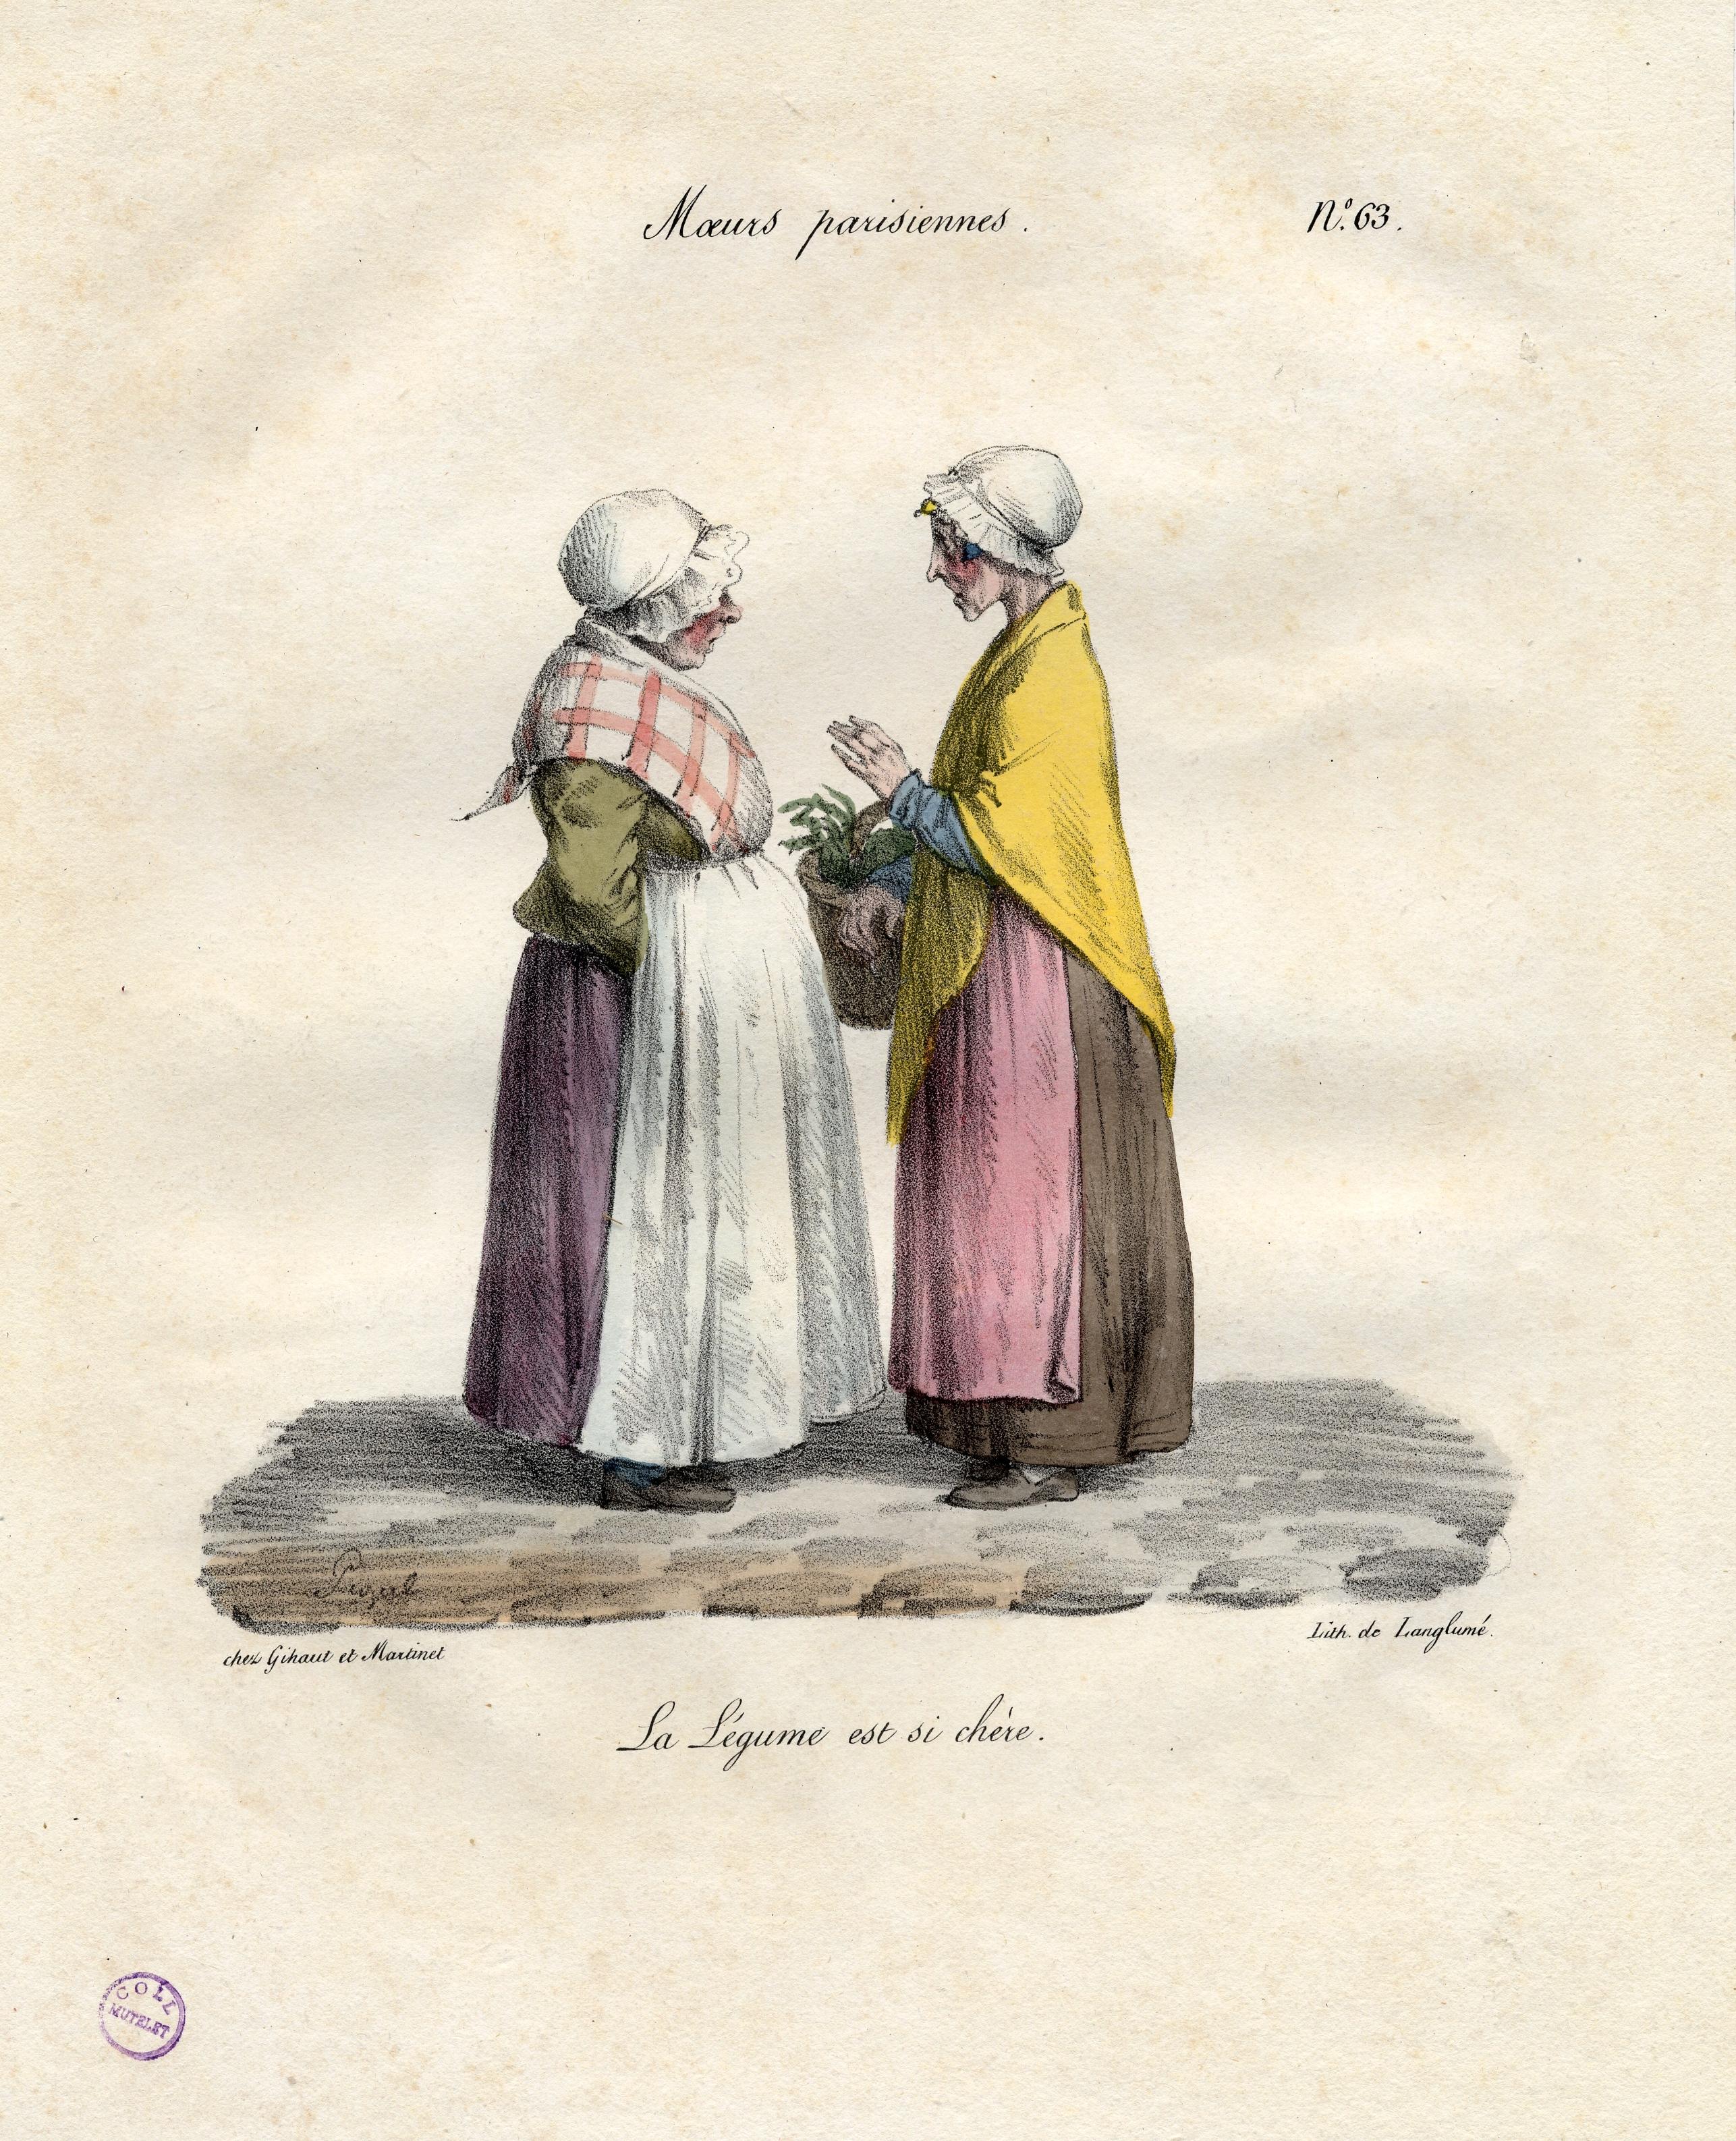 Contenu du Moeurs parisiennes – La légume est si chère.